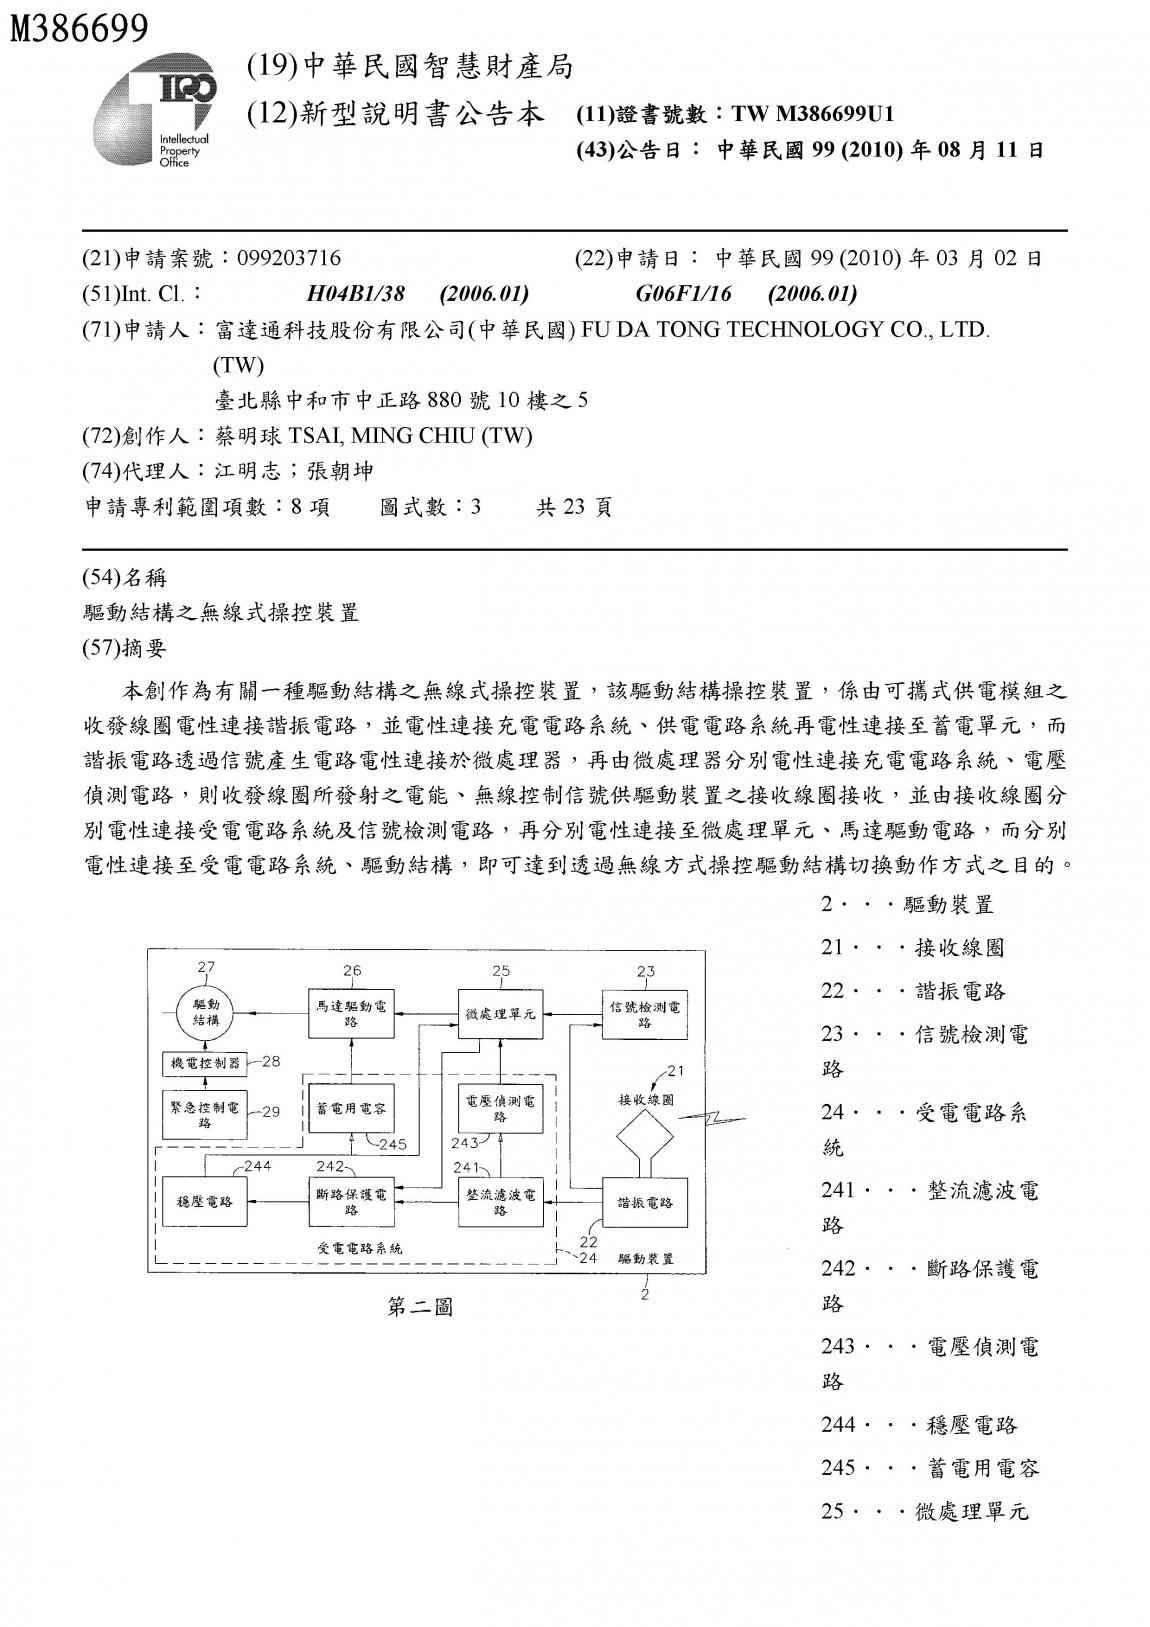 富達通專利03-驅動結構之無線式操控裝置(台灣)M386699